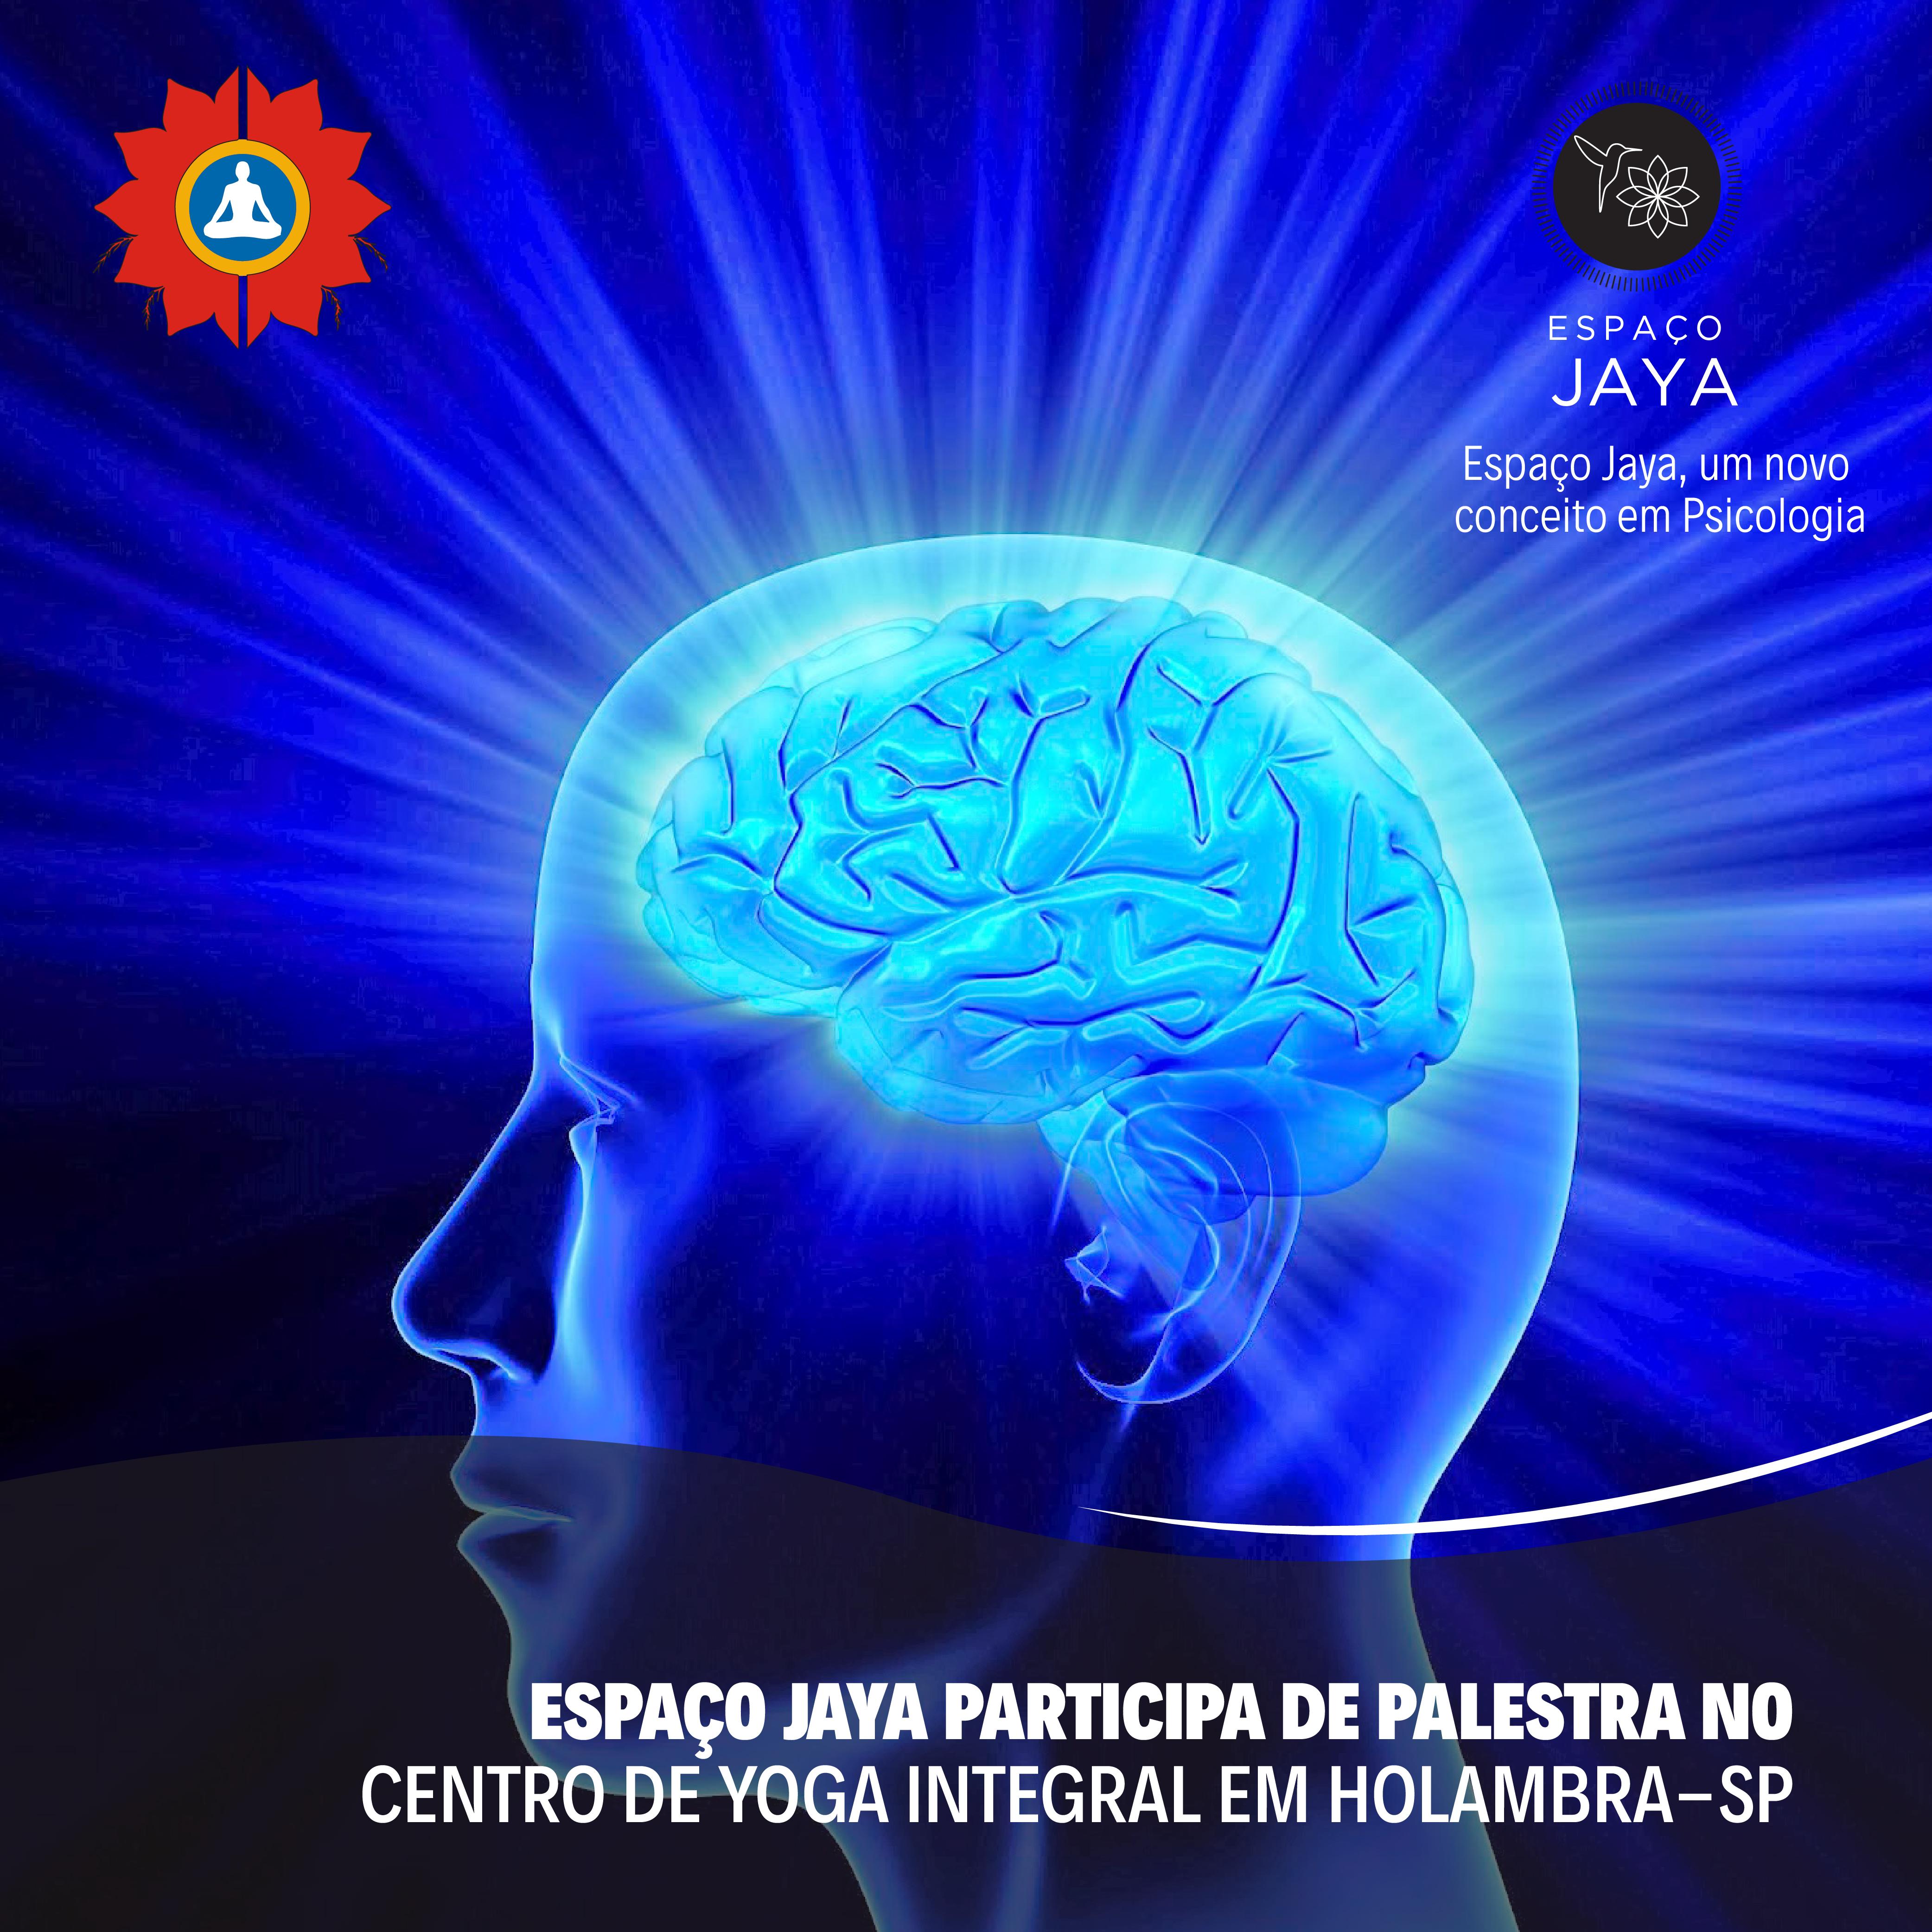 Centro de yoga Integral: holambra SP – Espaço Jaya